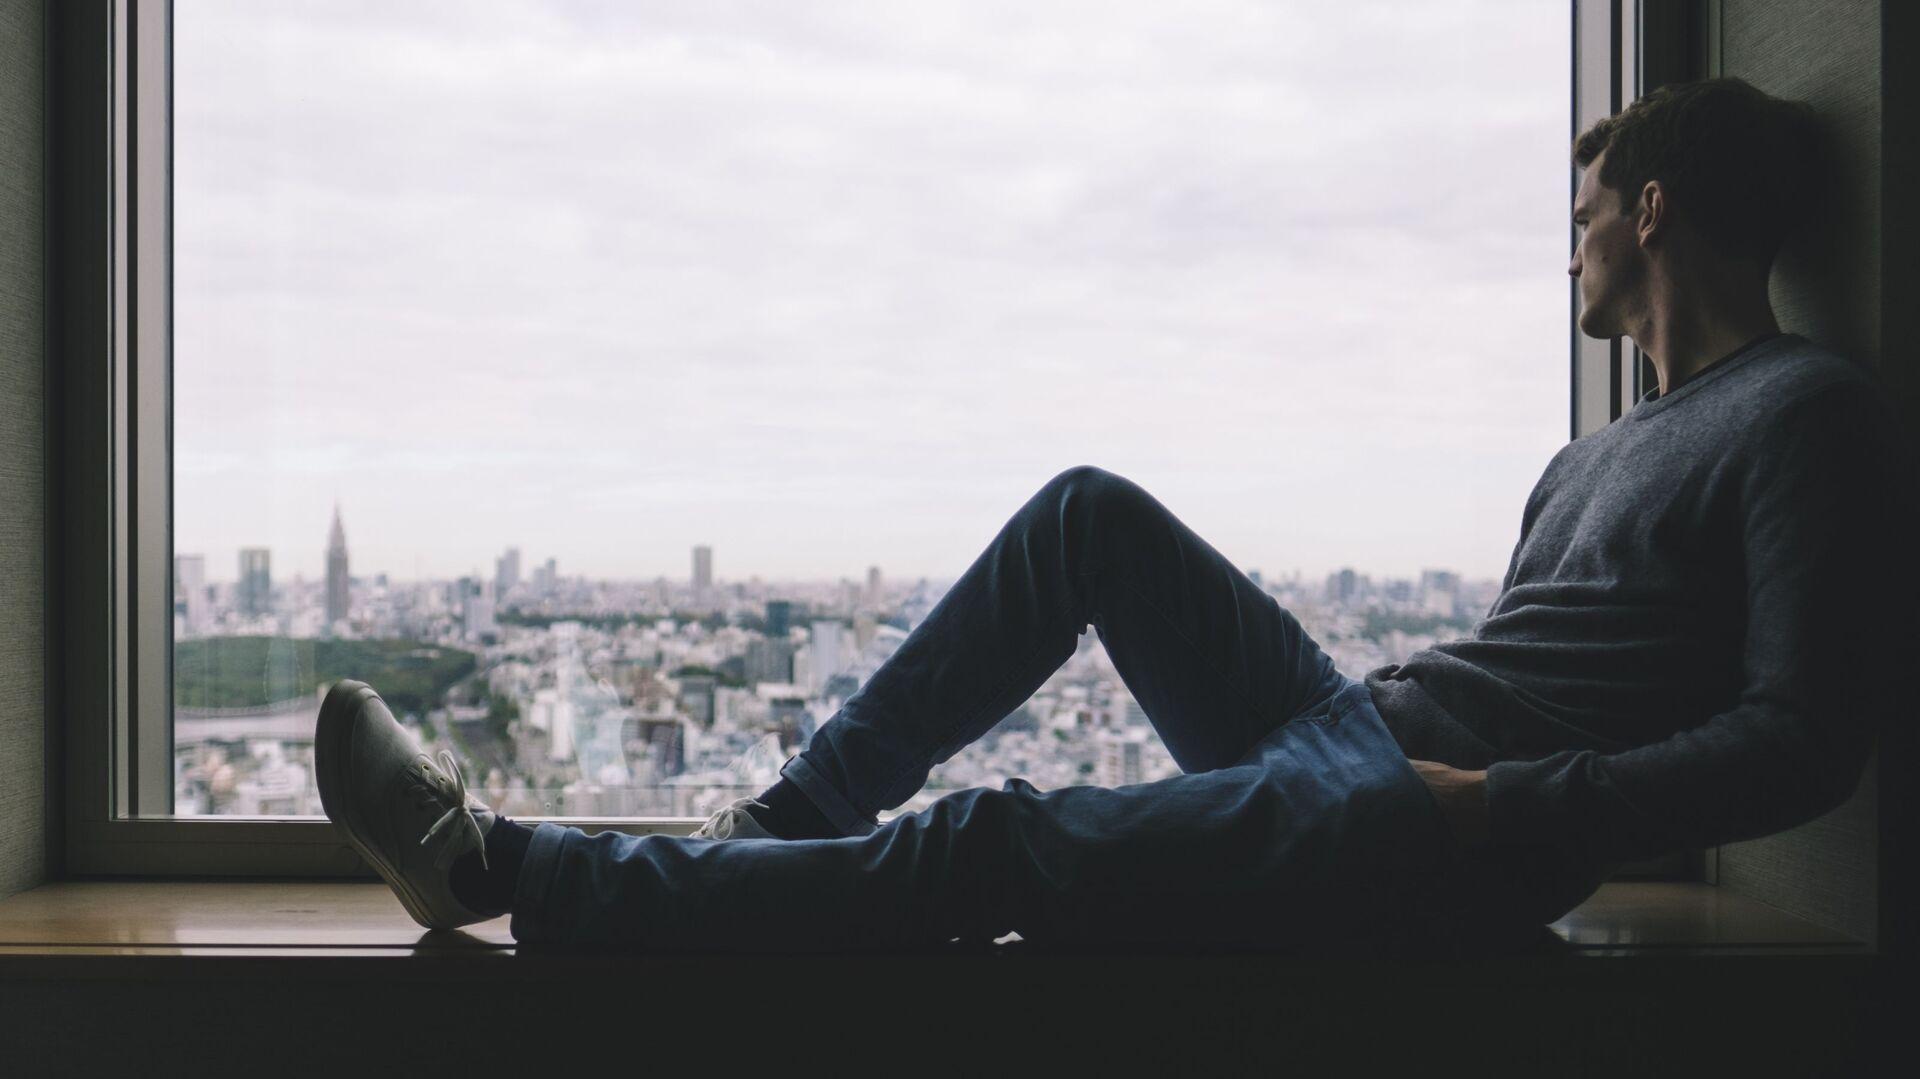 Самоизоляция. Молодой человек сидит на подоконнике и смотрит в окно - Sputnik Грузия, 1920, 17.09.2021